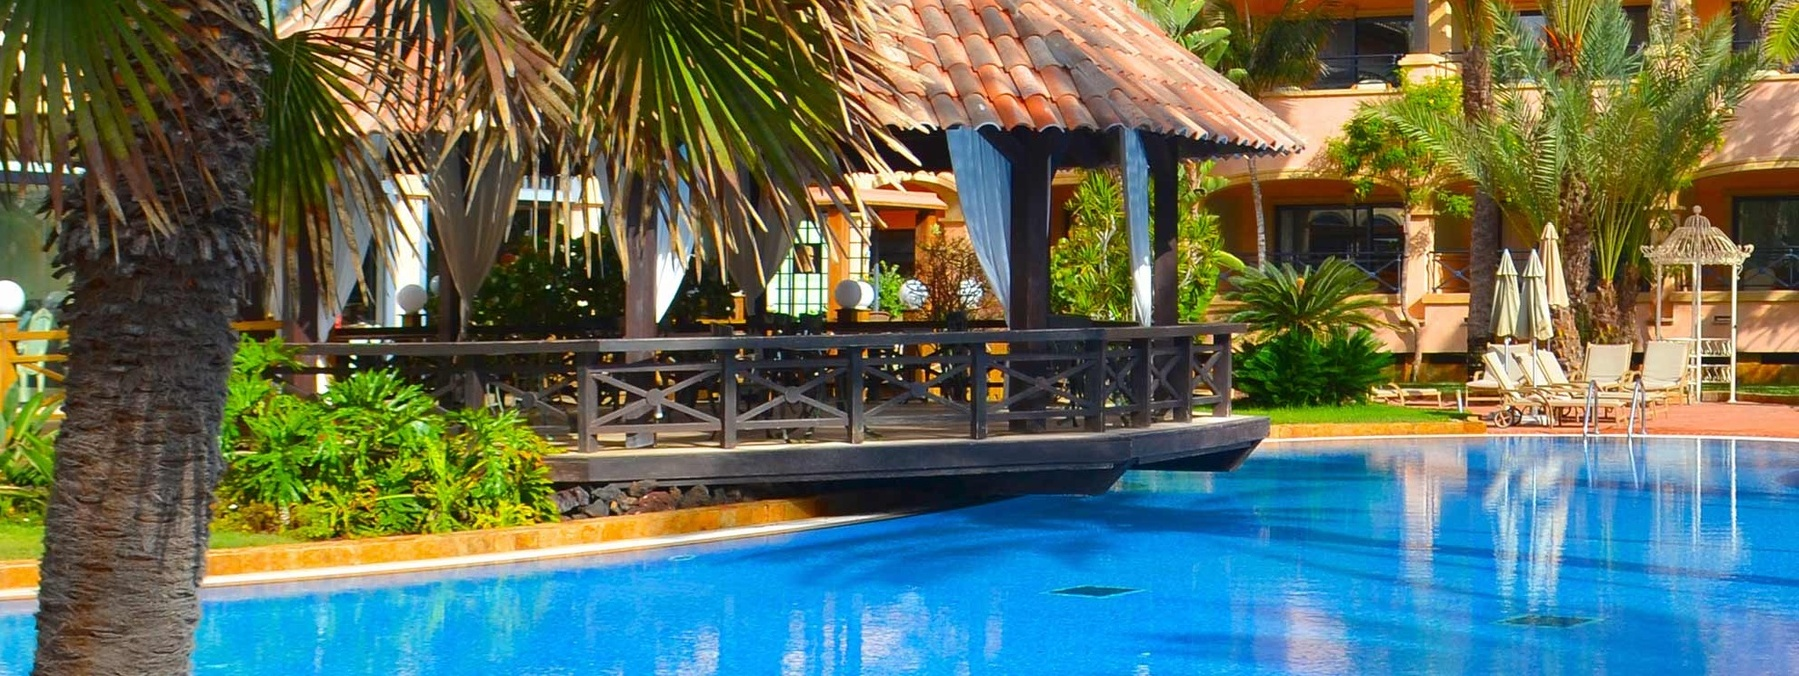 gran-hotel-atlantis-pool-bar